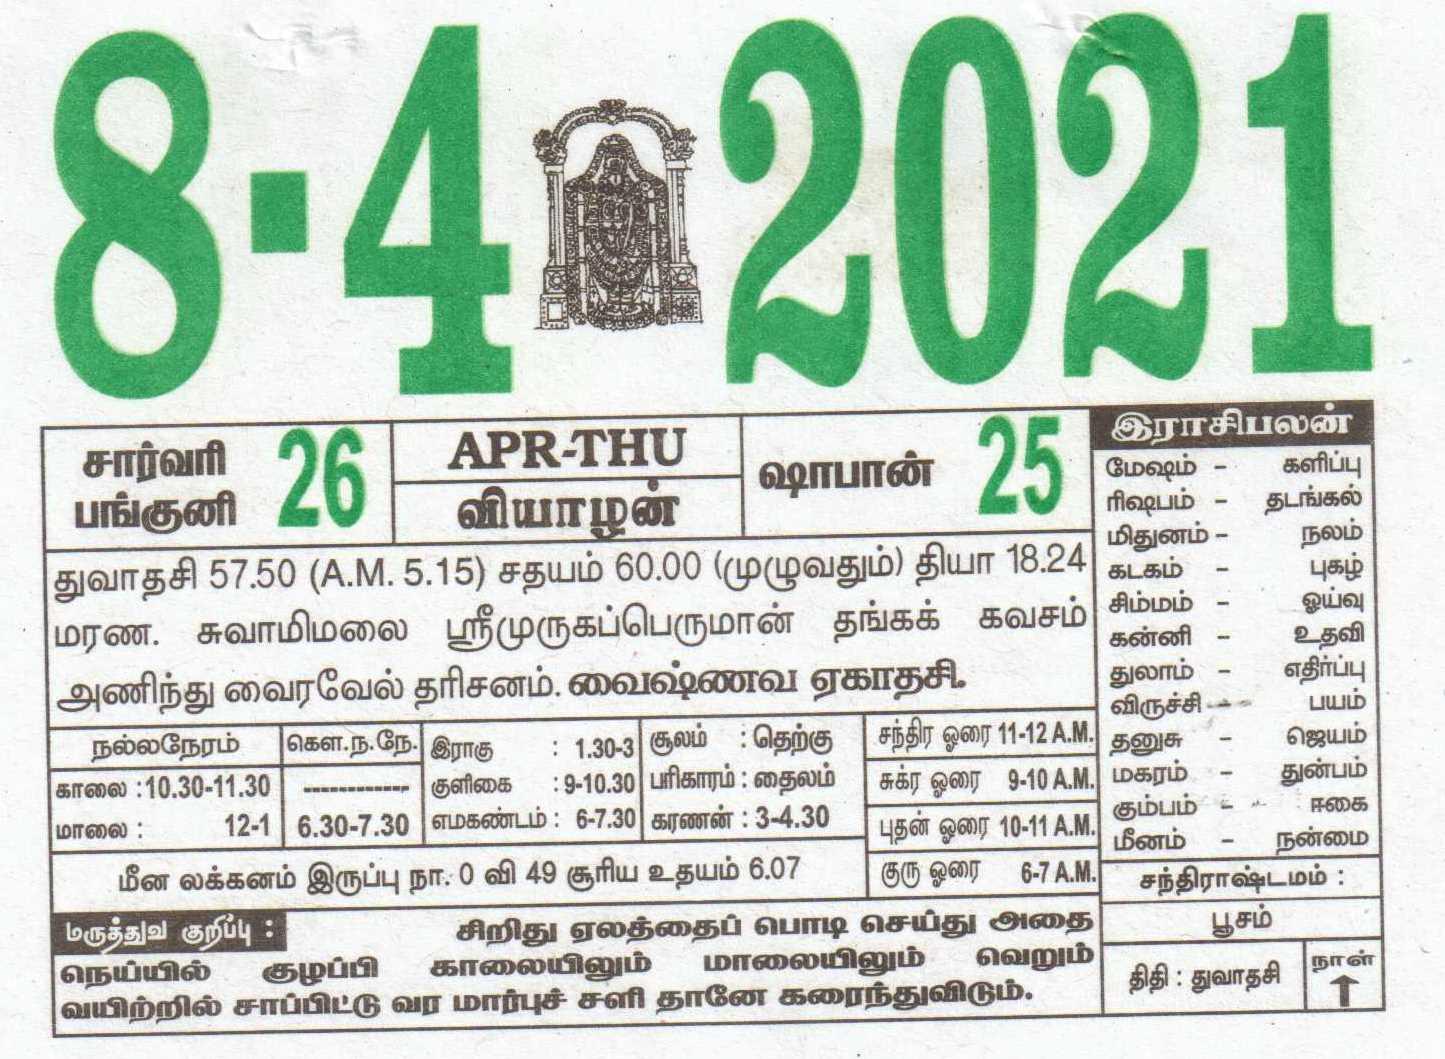 08-04-2021 Daily Calendar | Date 08 , January Daily Tear